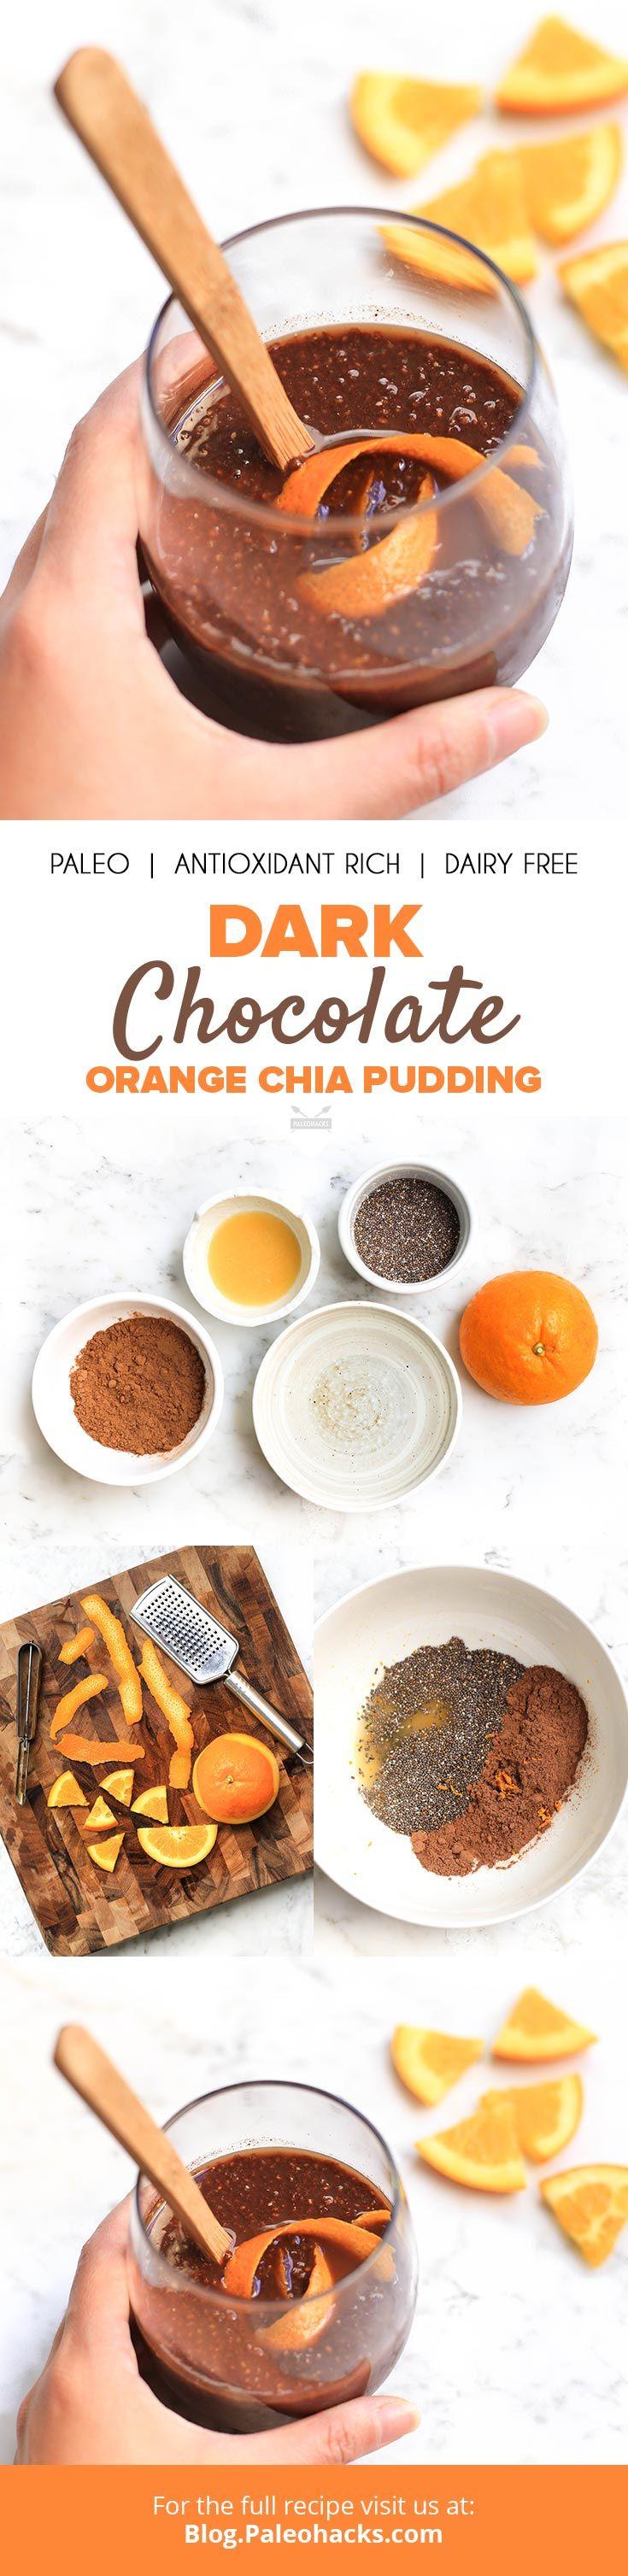 This refreshing dark chocolate orange chia pudding is the perfect way to start your day. Get the recipe here: http://paleo.co/chocorangechiapud